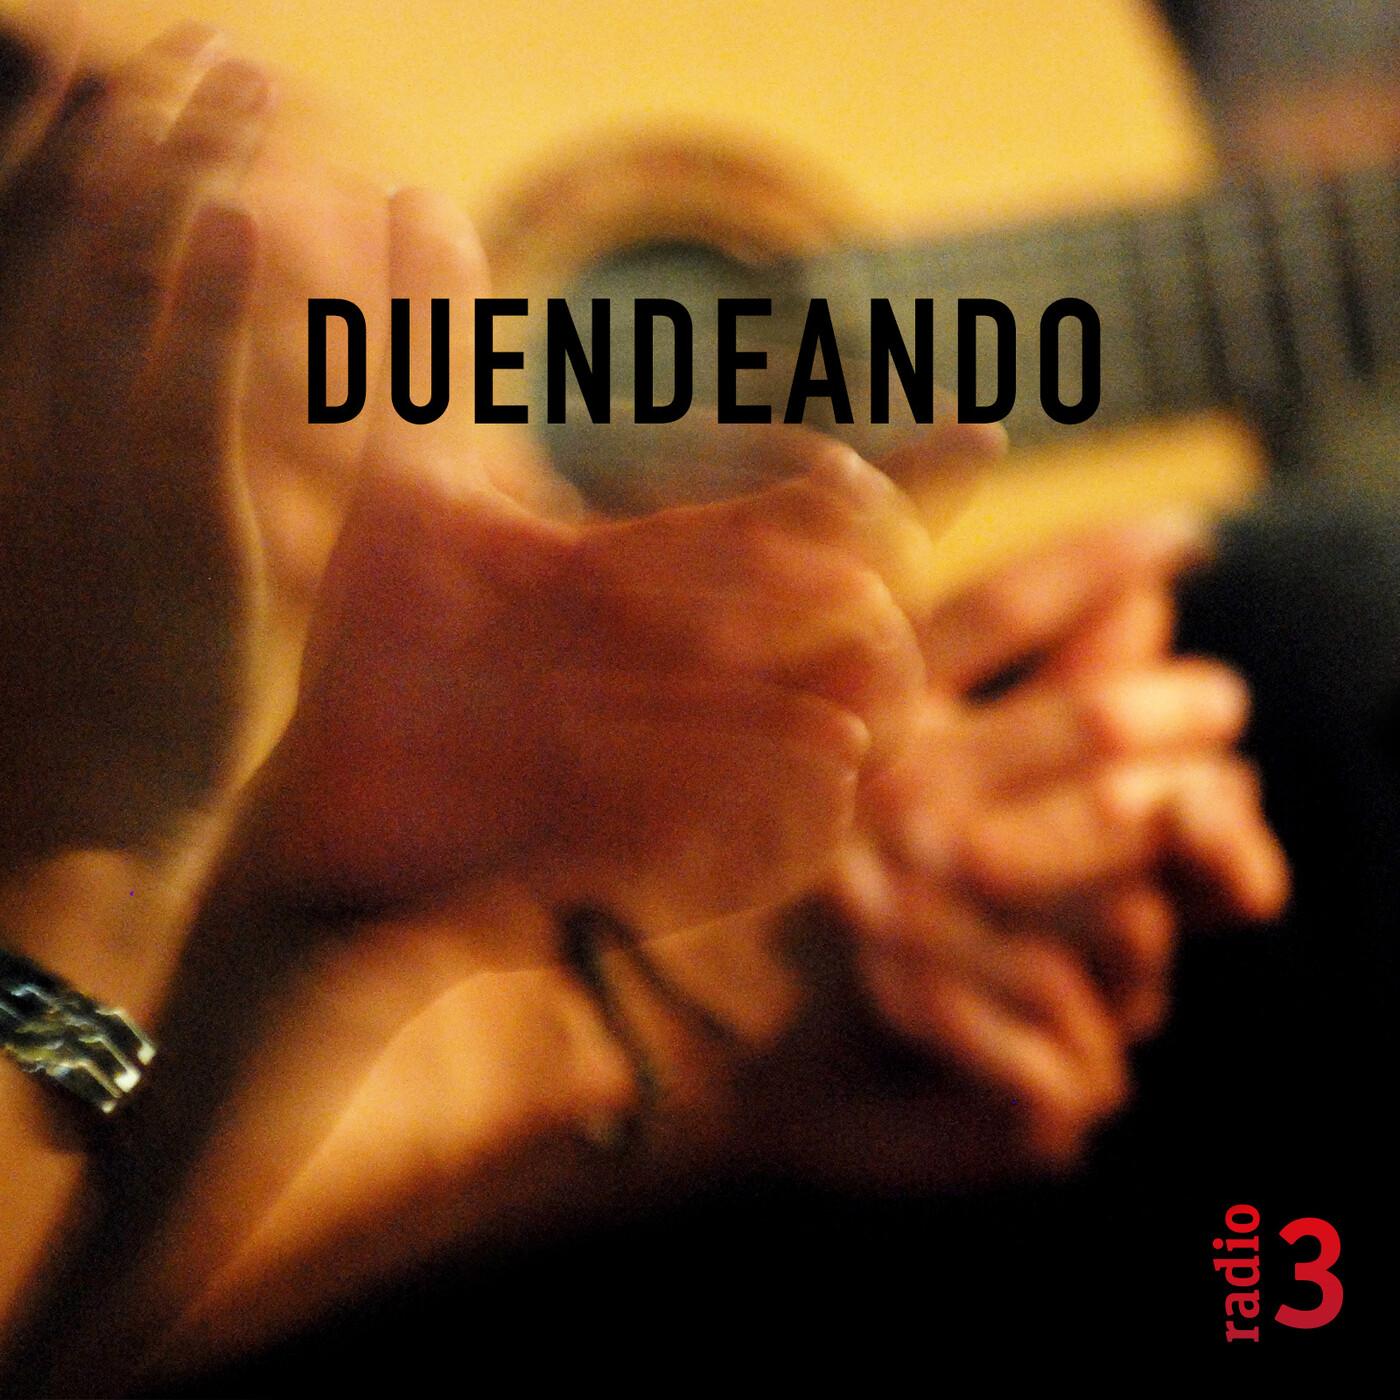 Duendeando - Bajos flamencos - 15/08/20